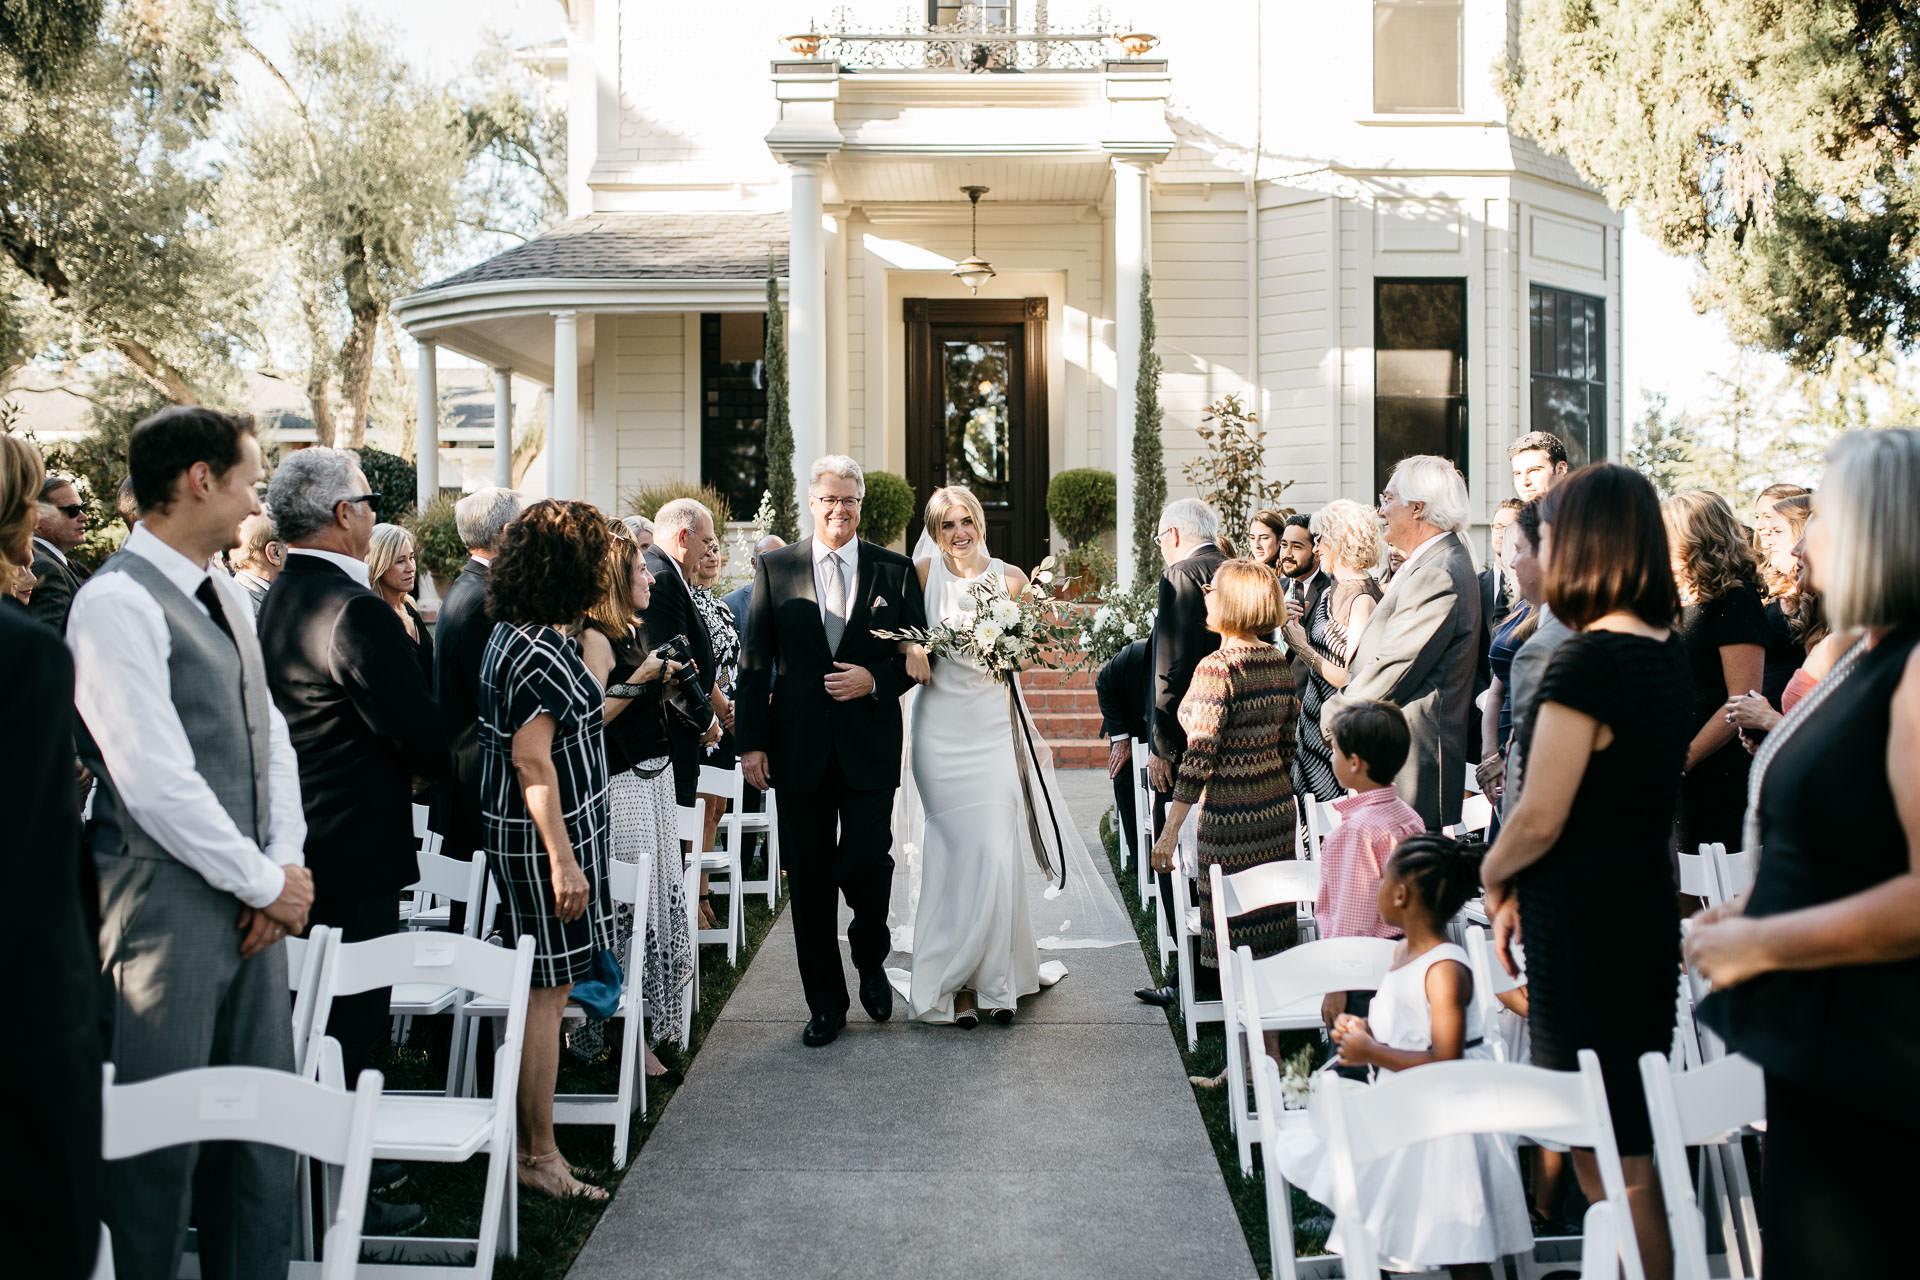 lauren_graham_wedding_california_park_winters_jeanlaurentgaudy_045